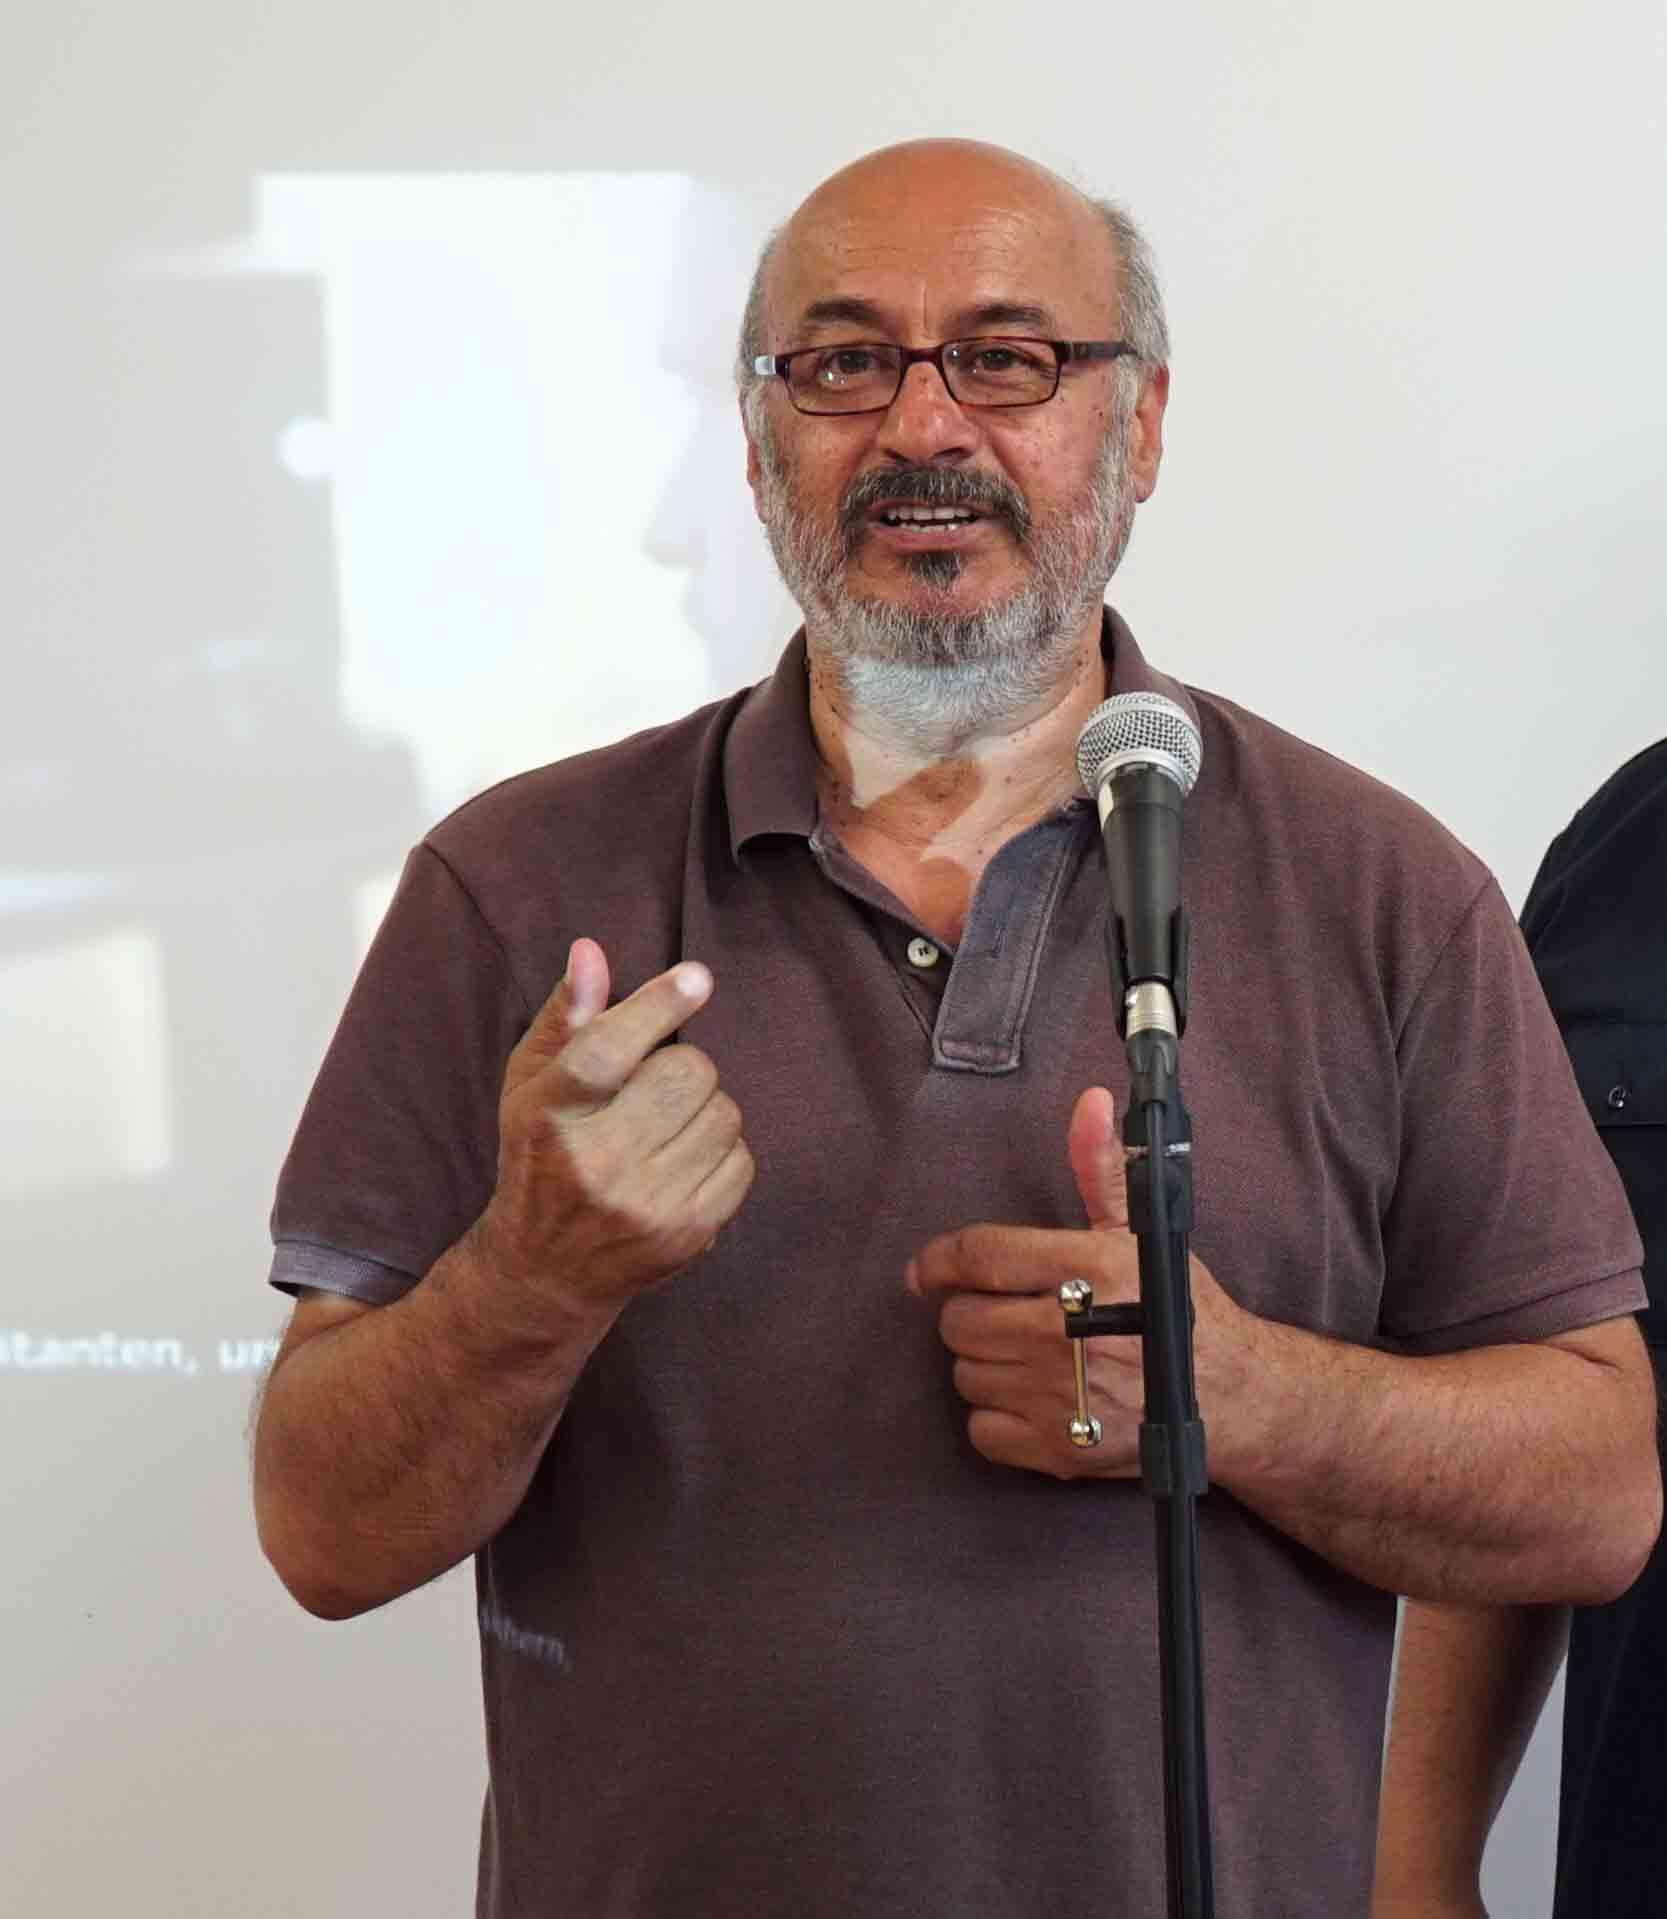 Vereinsgründer Mustafa Bayram erhält 2013 das Bundesverdienstkreuz